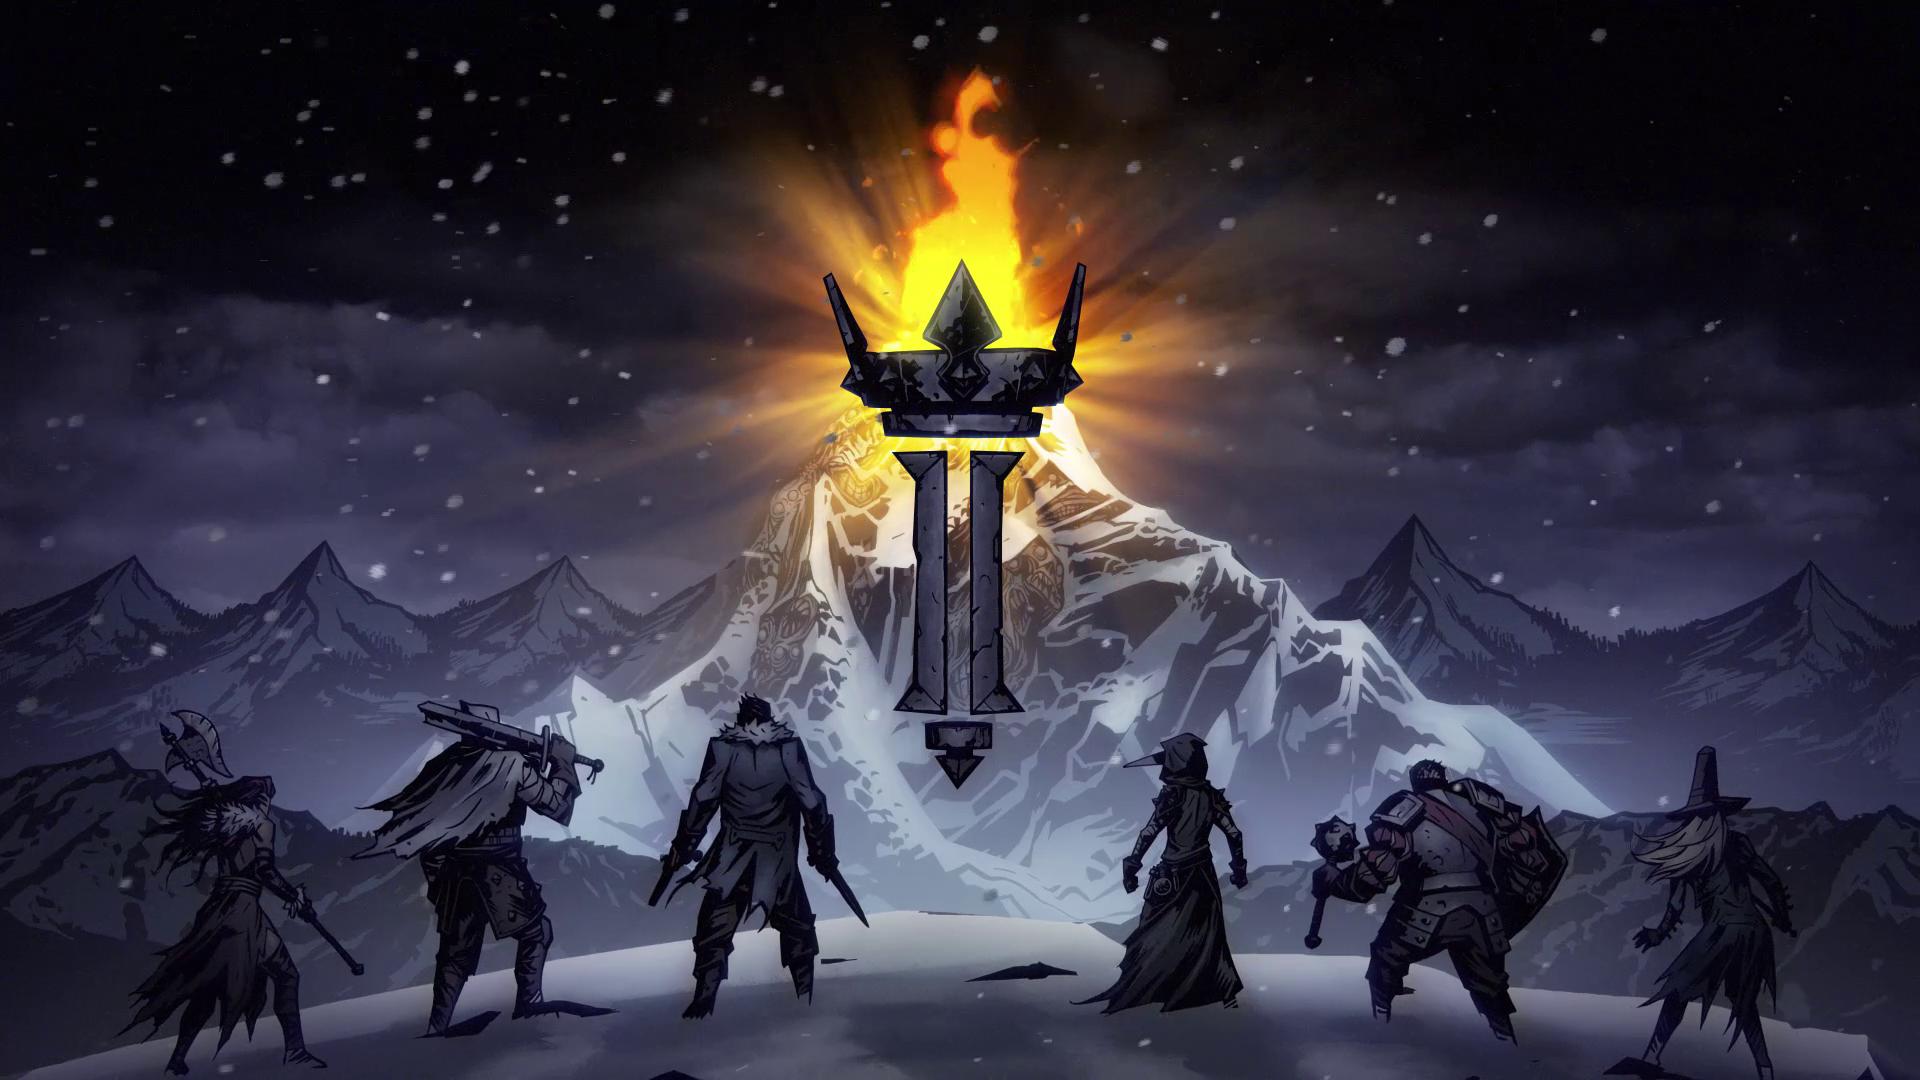 Artwork From Darkest Dungeon II